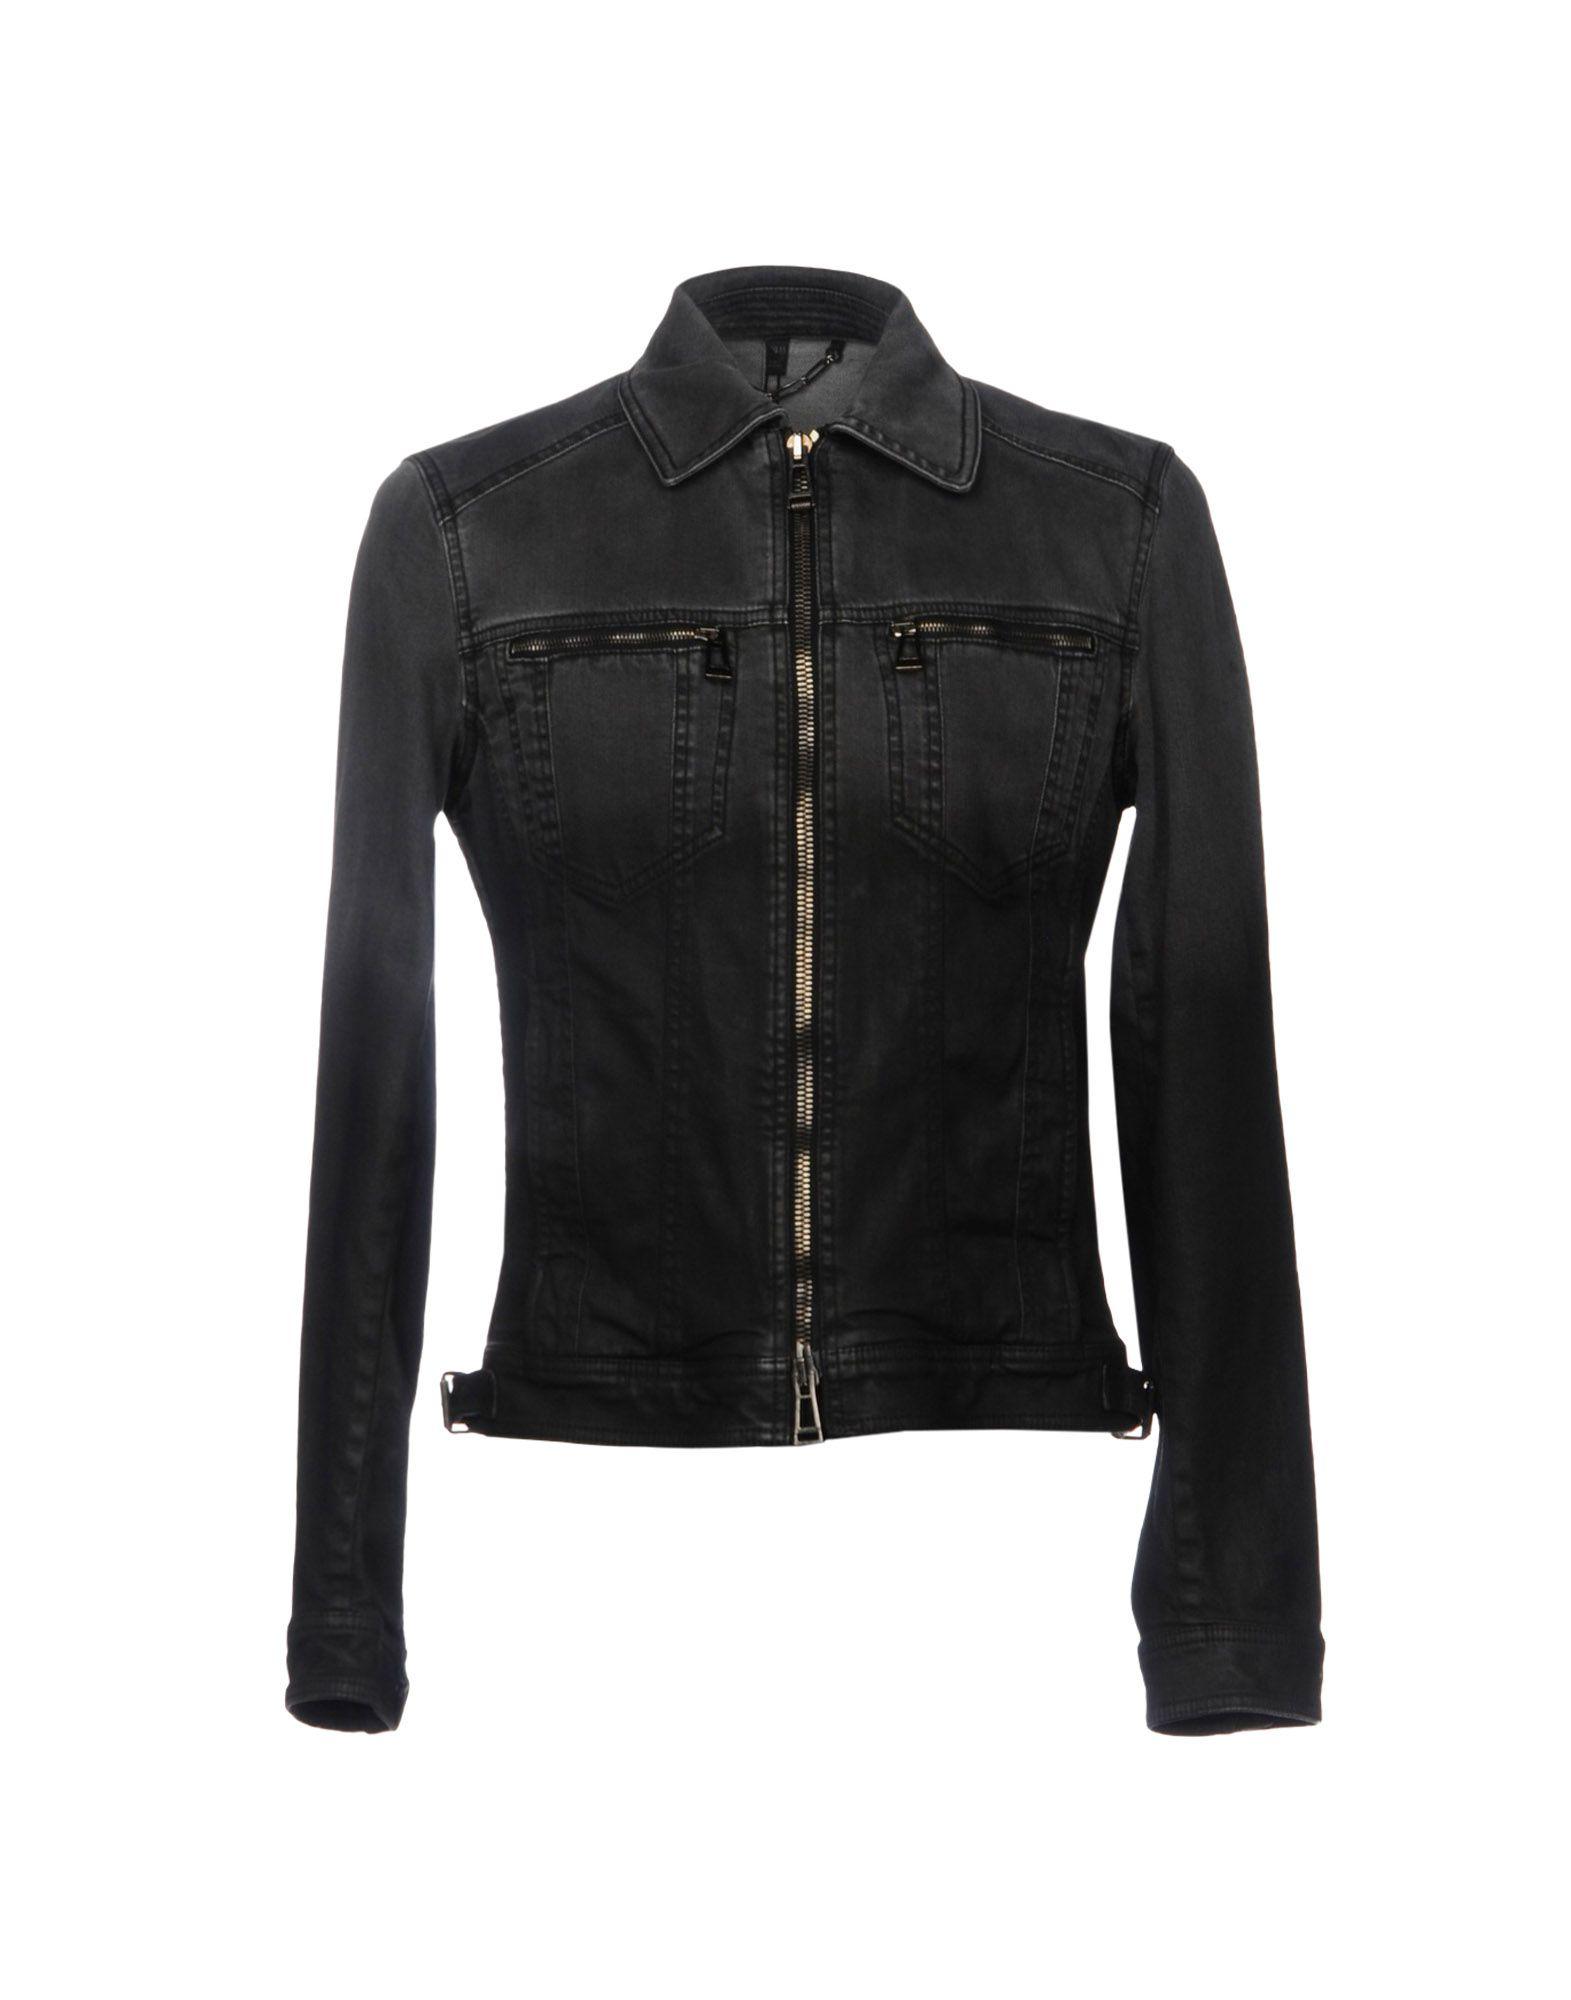 BELSTAFF Джинсовая верхняя одежда wood wood джинсовая верхняя одежда